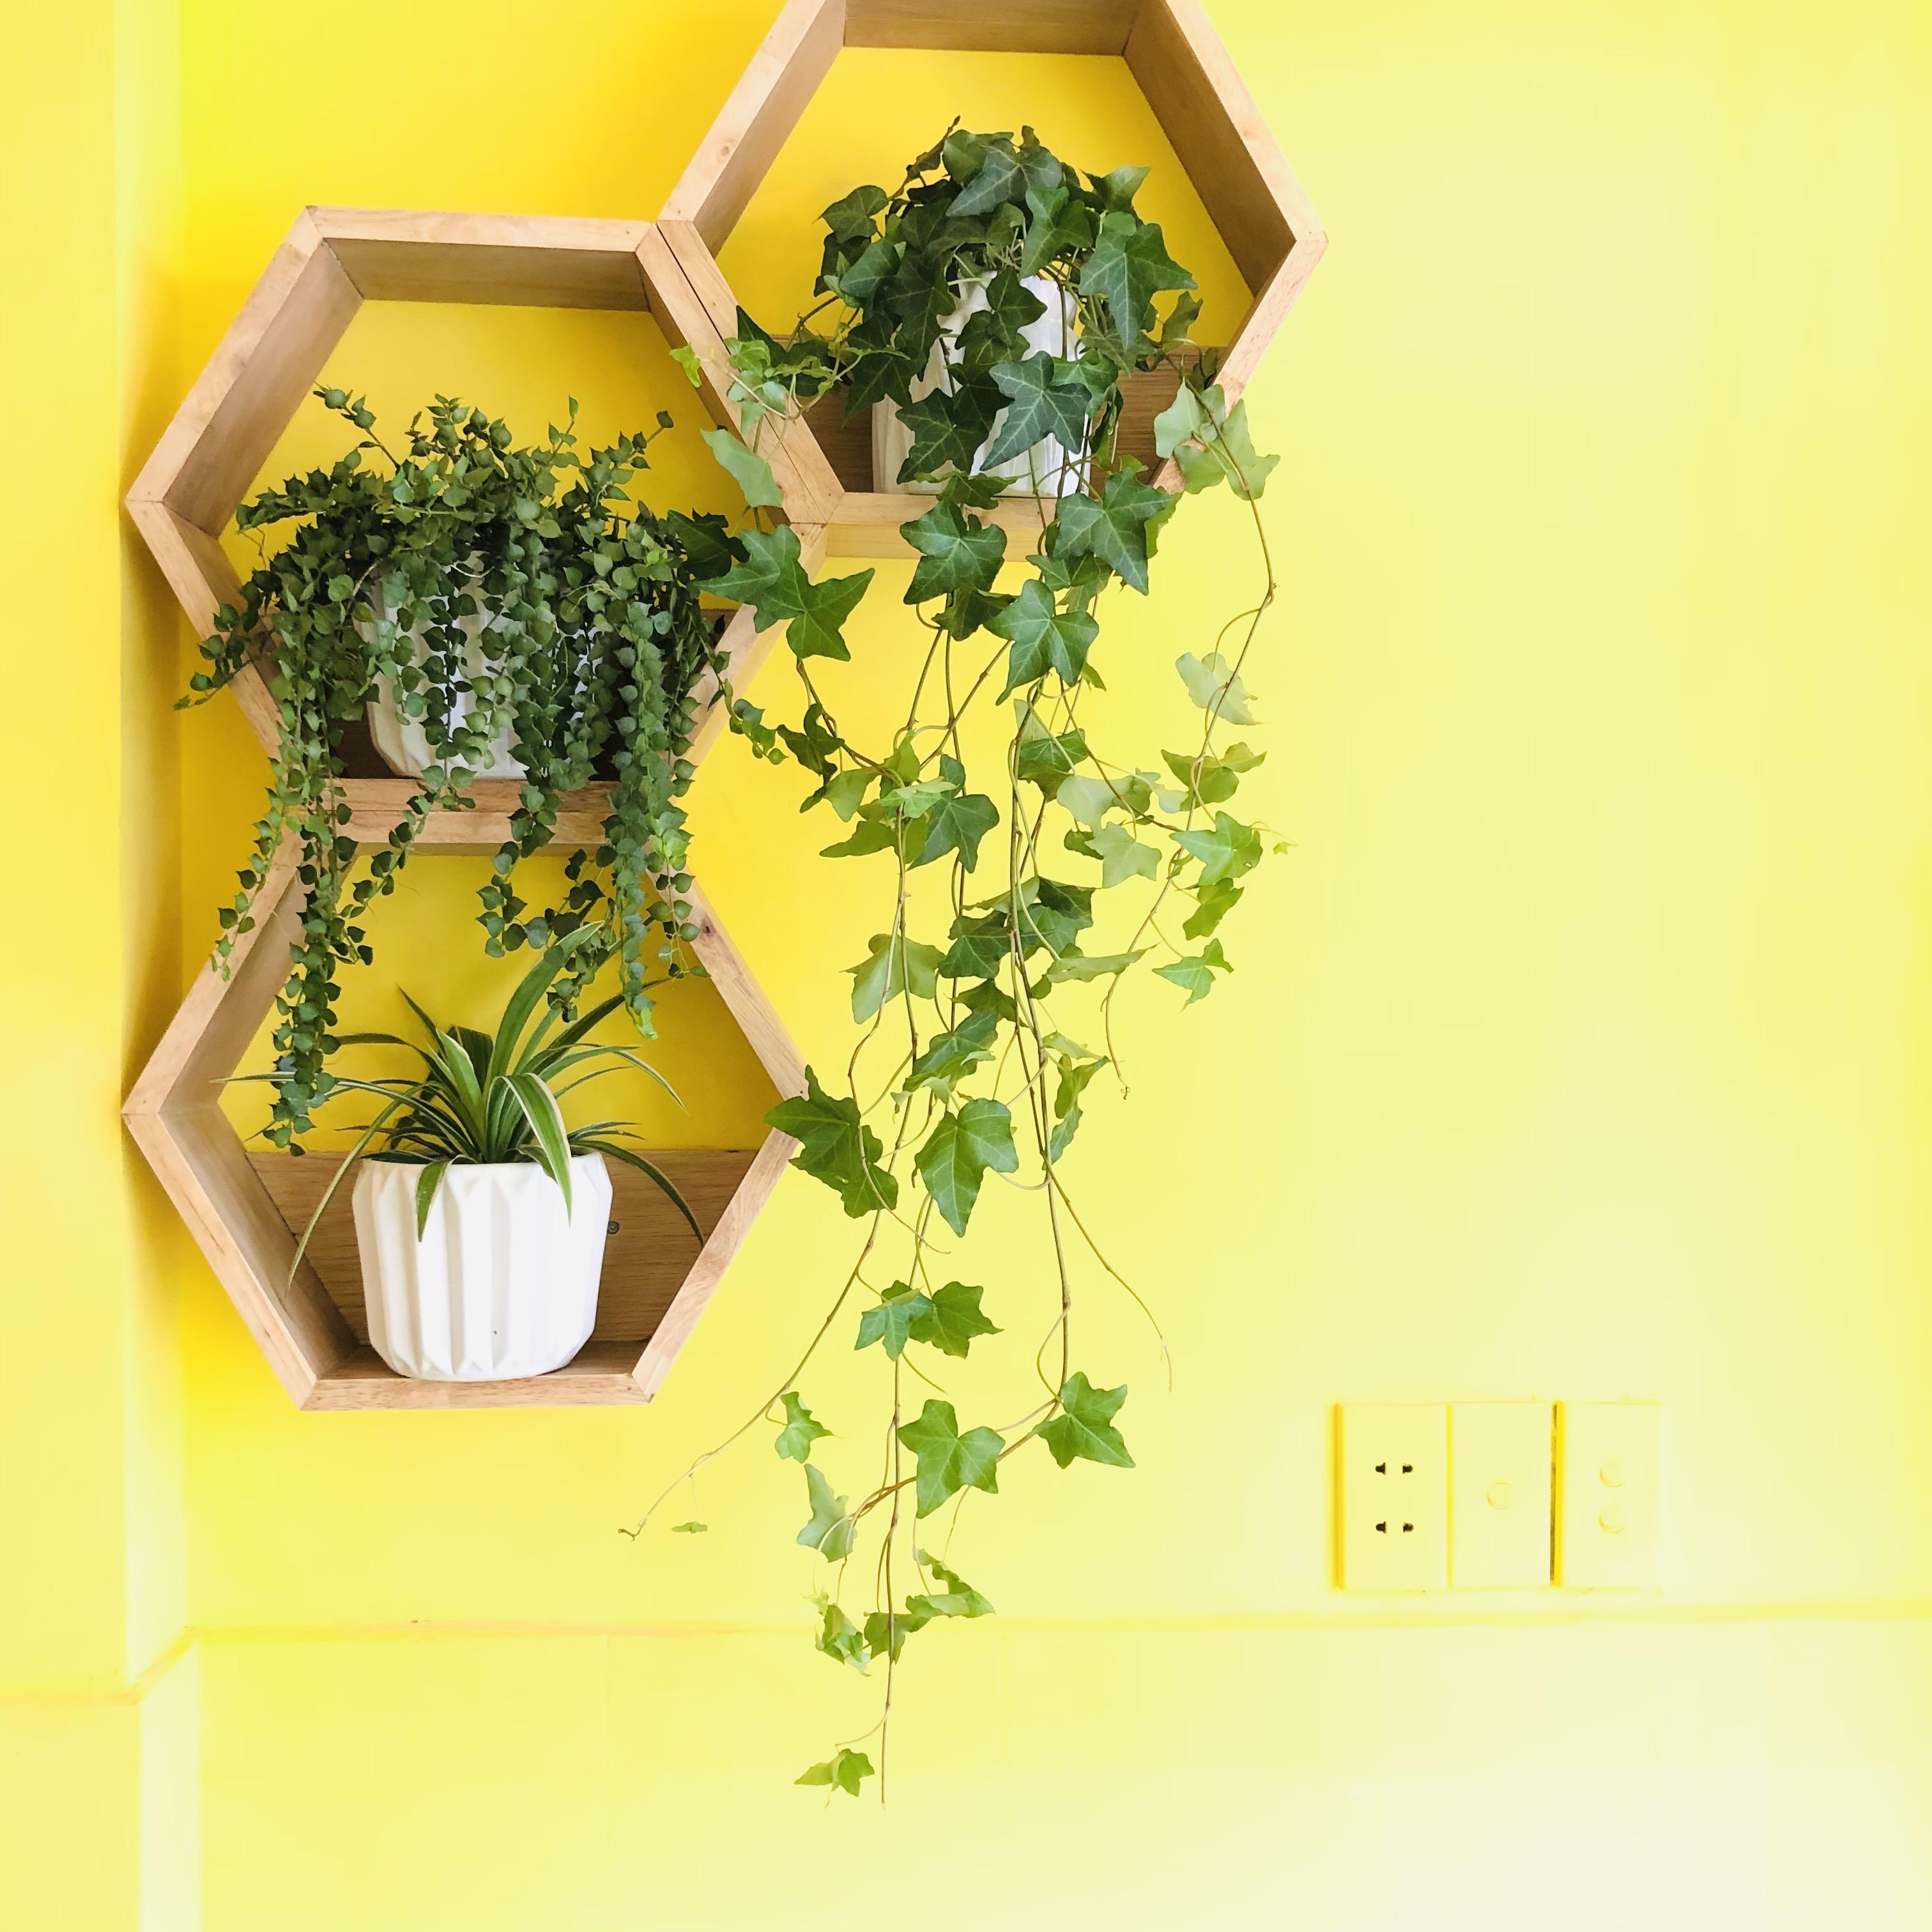 Kệ lục giác gỗ tự nhiên treo tường - 1 kệ